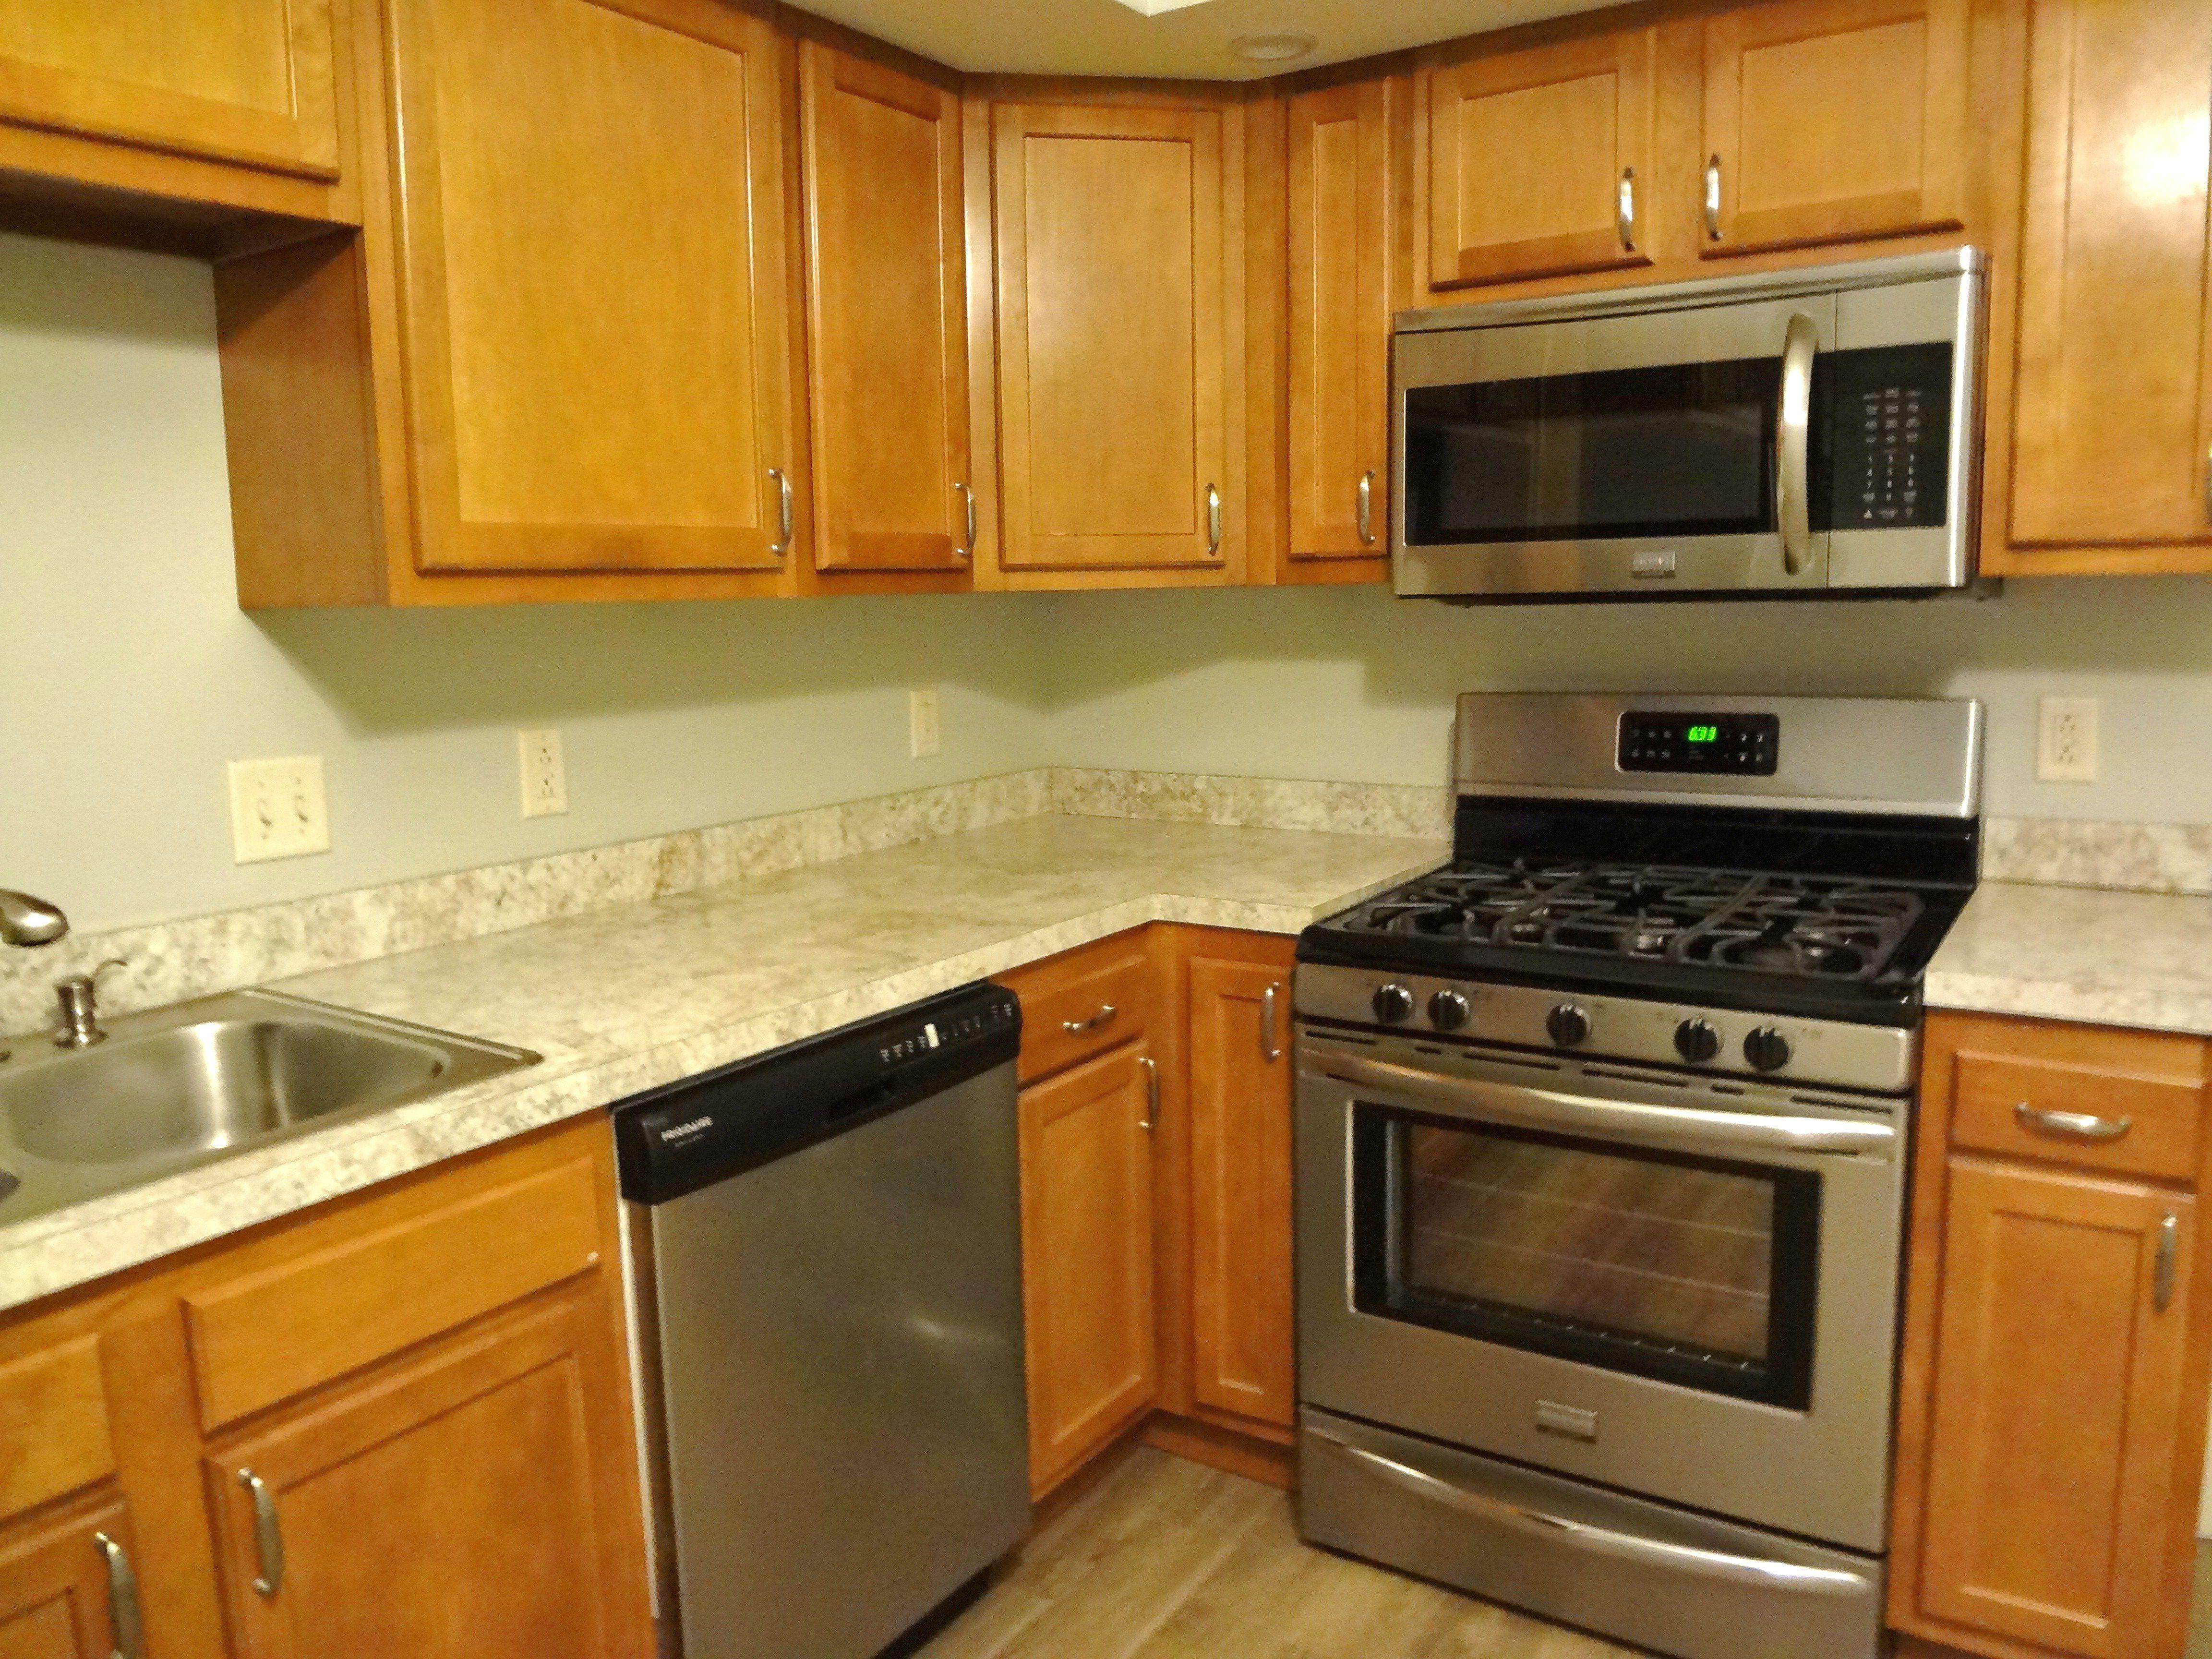 Crema Mascarello Formica Benjamin Moore Gray Owl Luxury Apartments Kitchen Appliances Kitchen